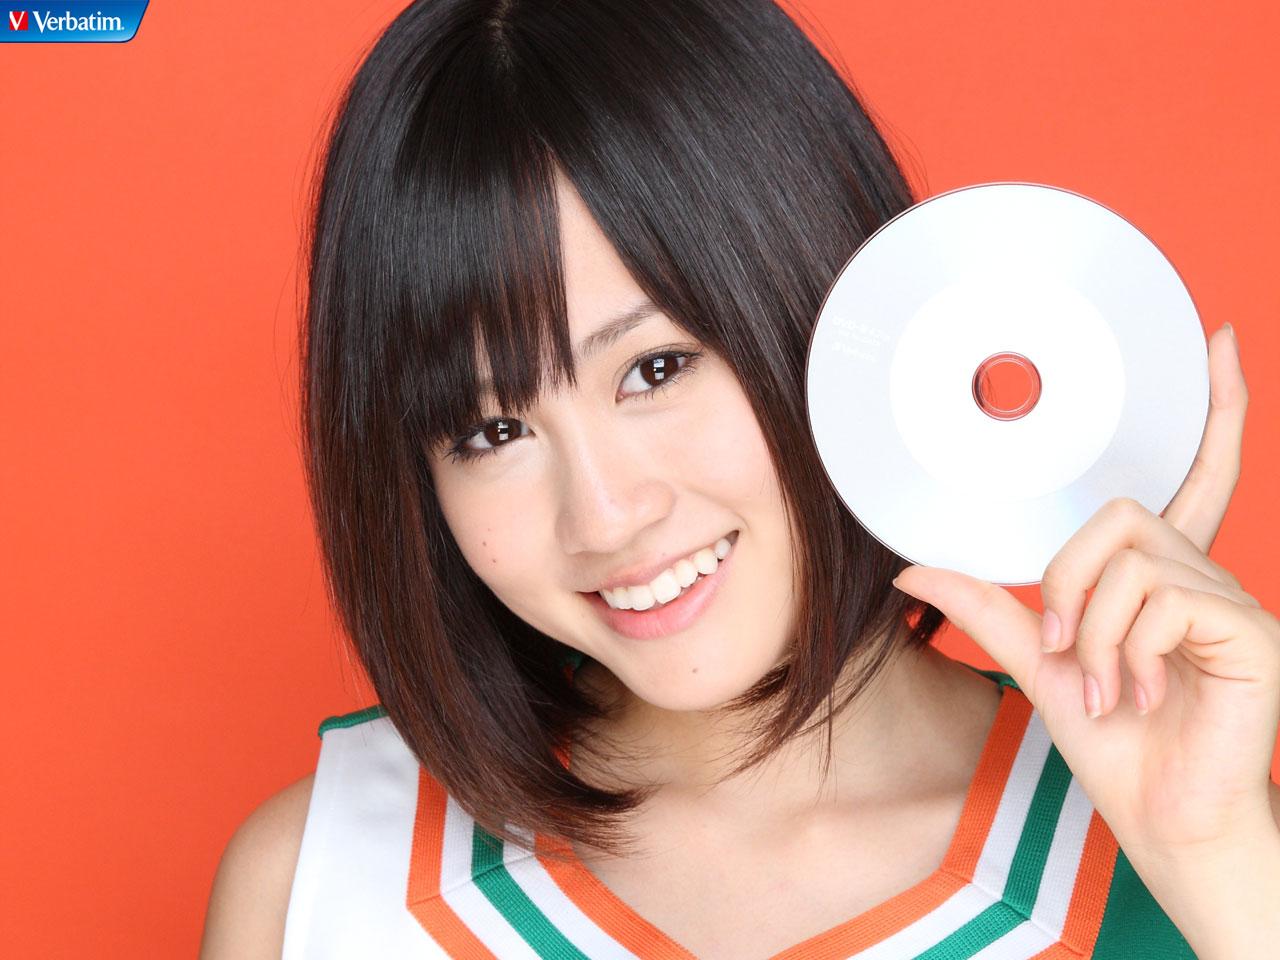 AKB48 前田敦子 セクシー 笑顔 顔アップ 鎖骨 エロかわいい画像22